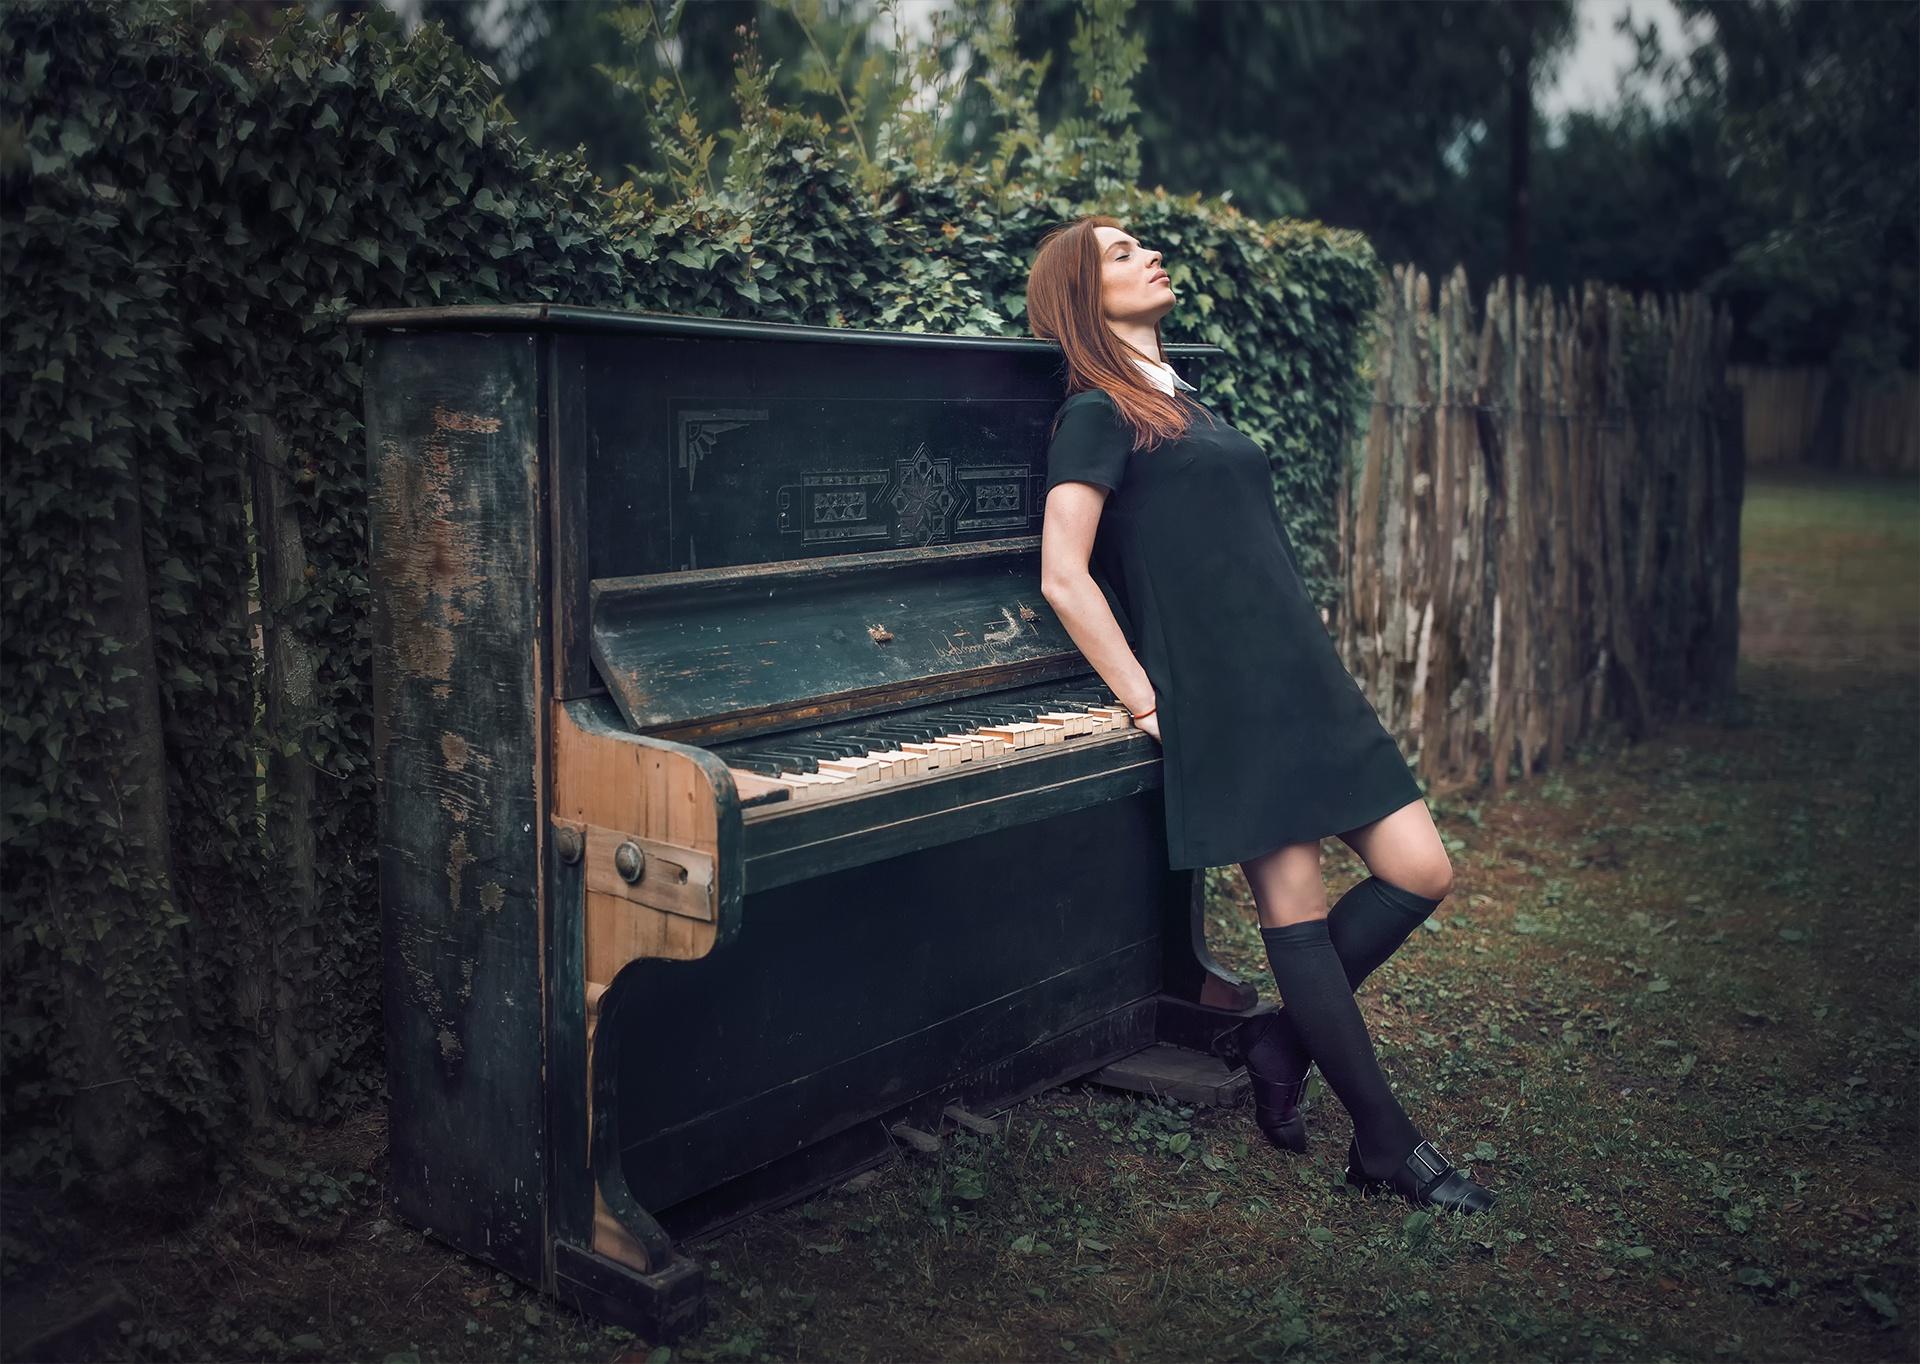 фото с пианино позы магазины